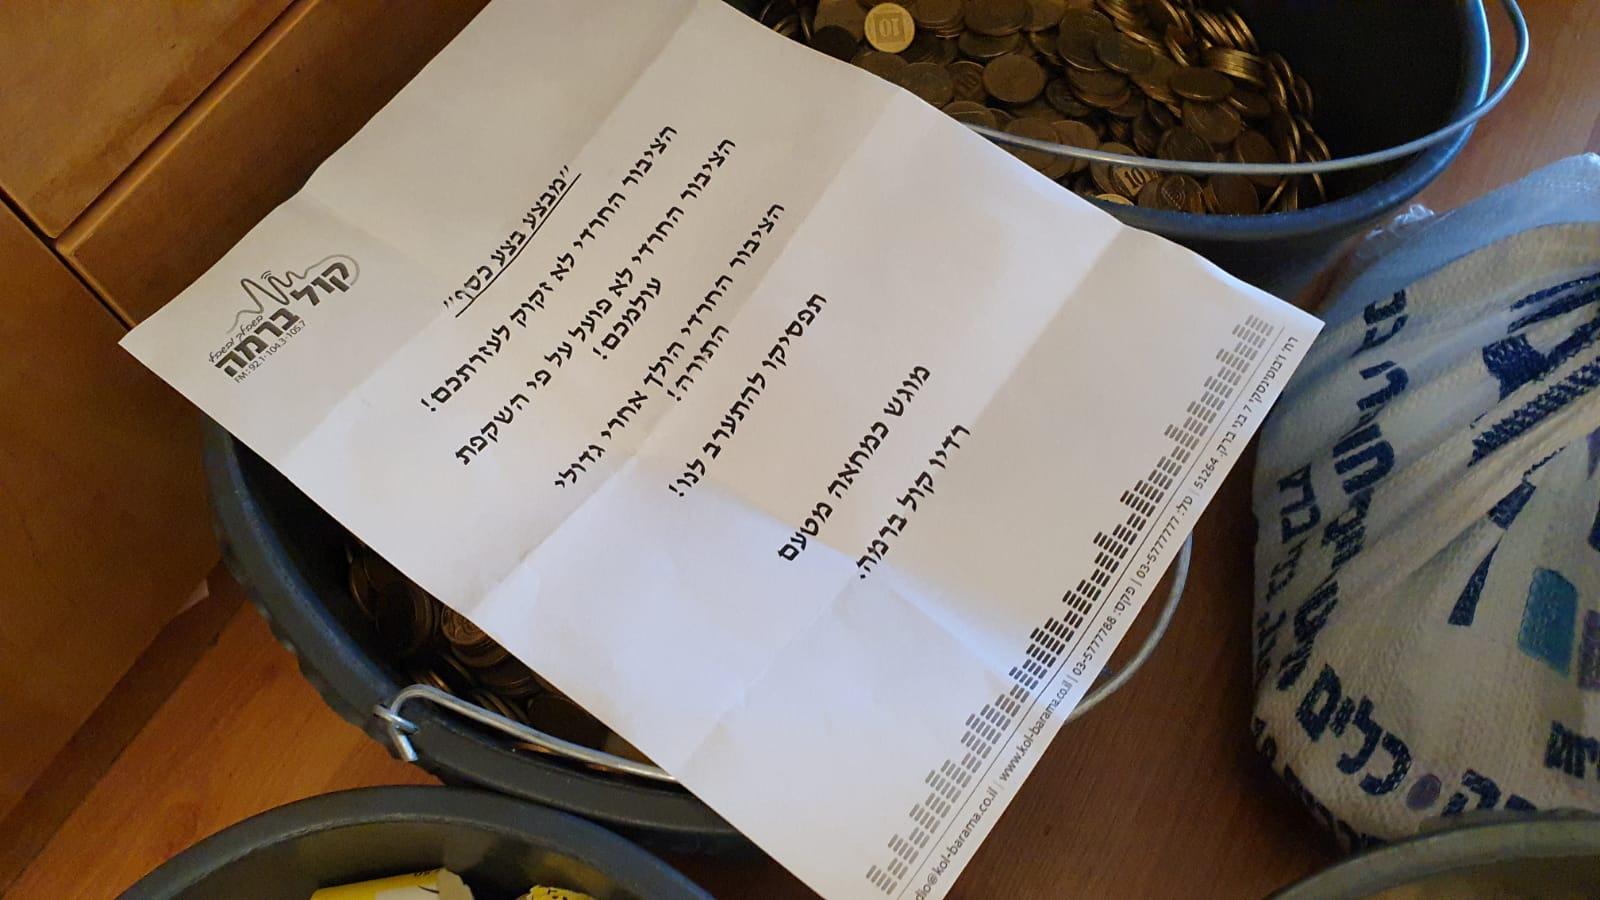 קול ברמה לא לבד: מי עוד שילם קנס במטבעות של עשרות אגורות? 3